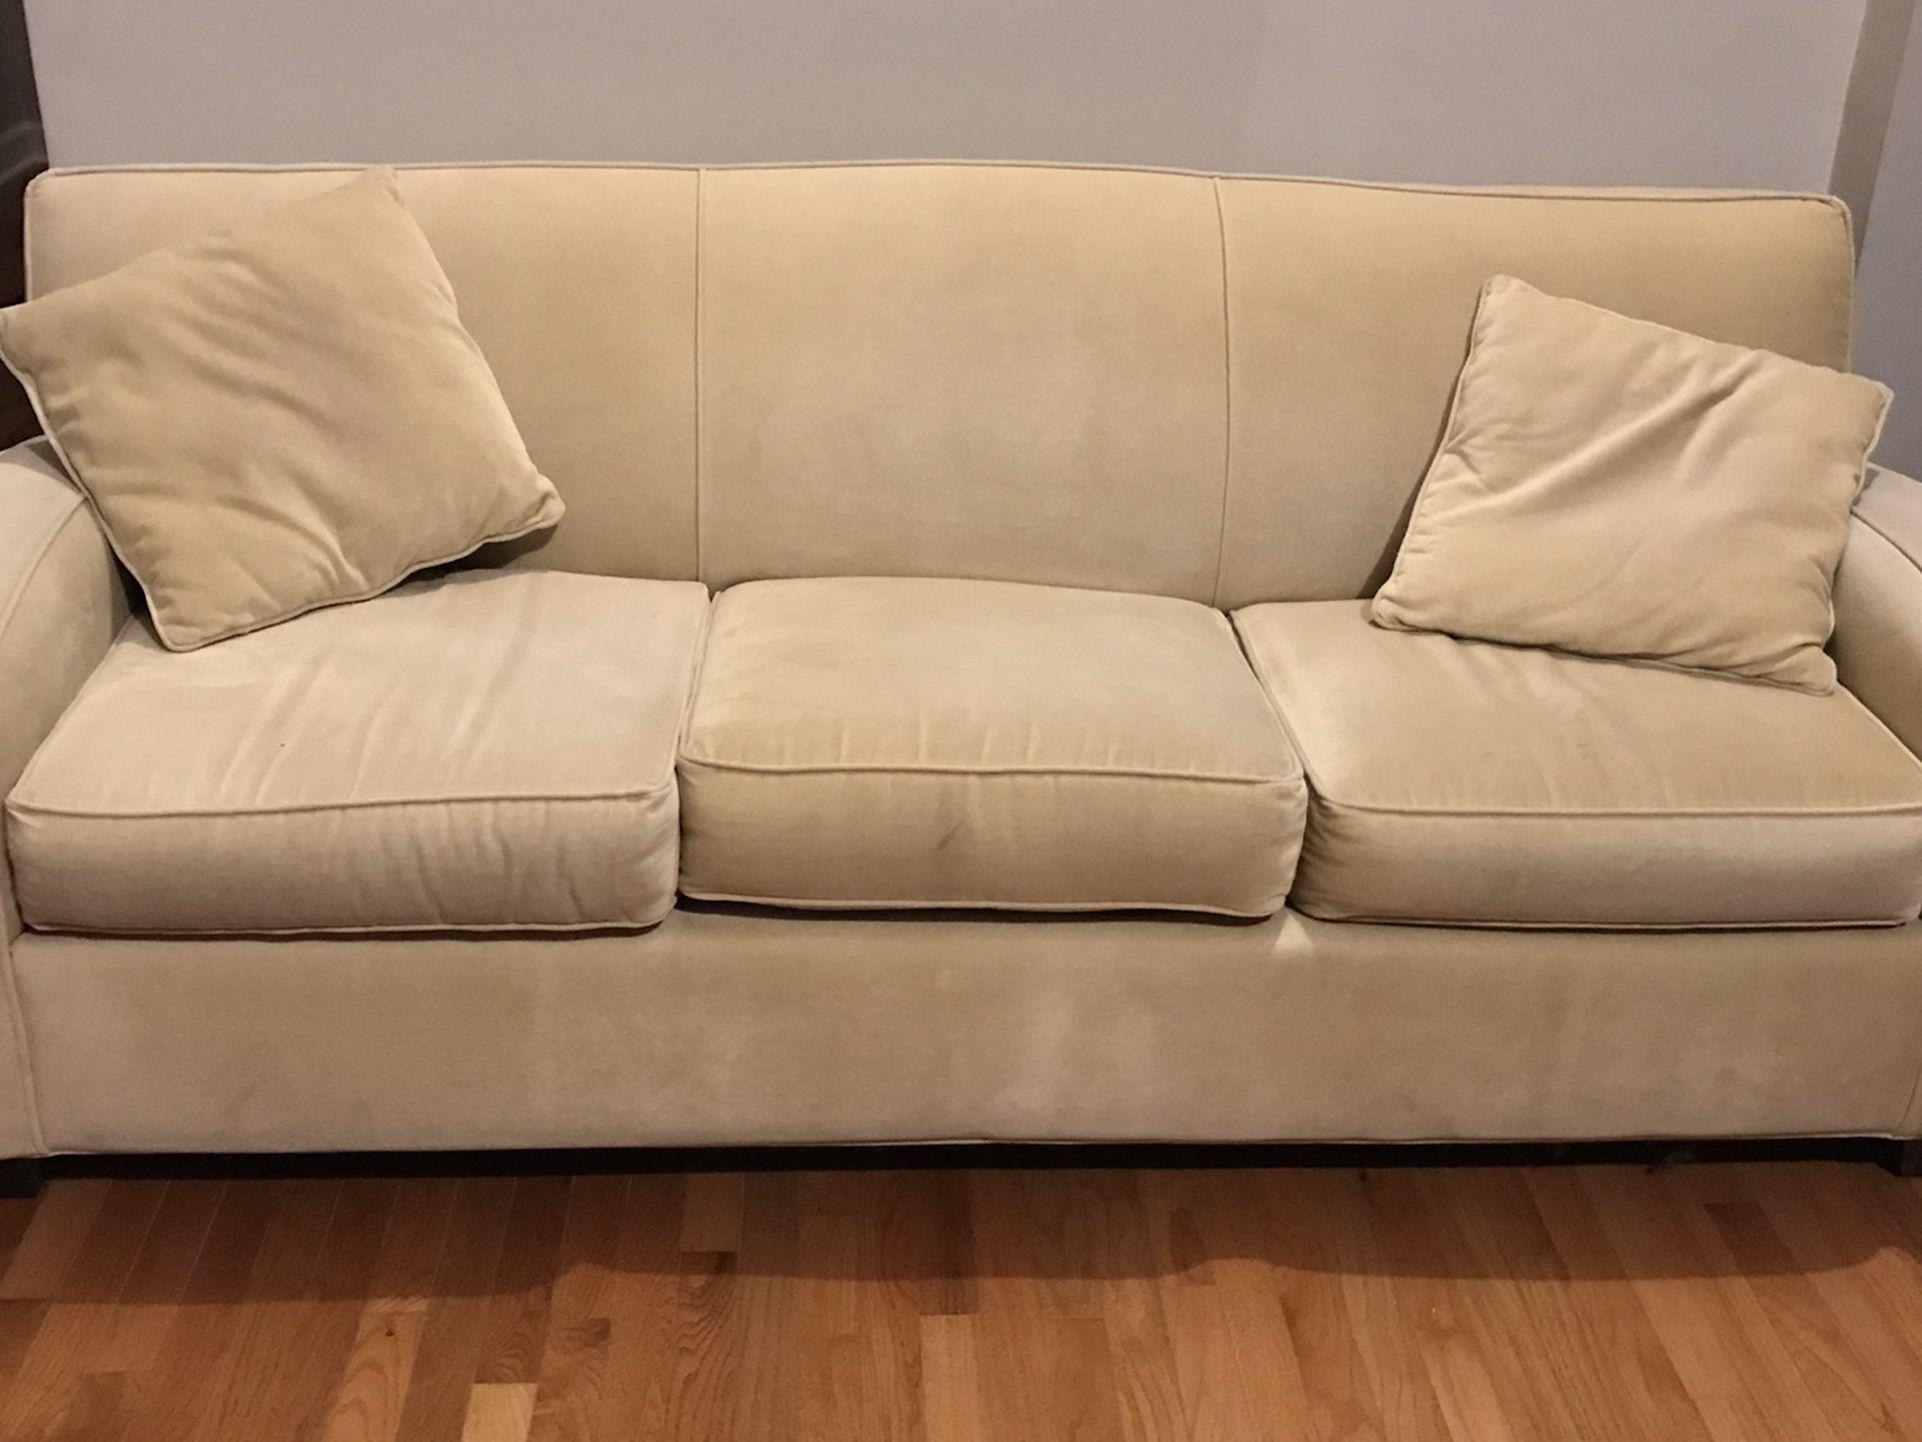 Sofa - Comfortable